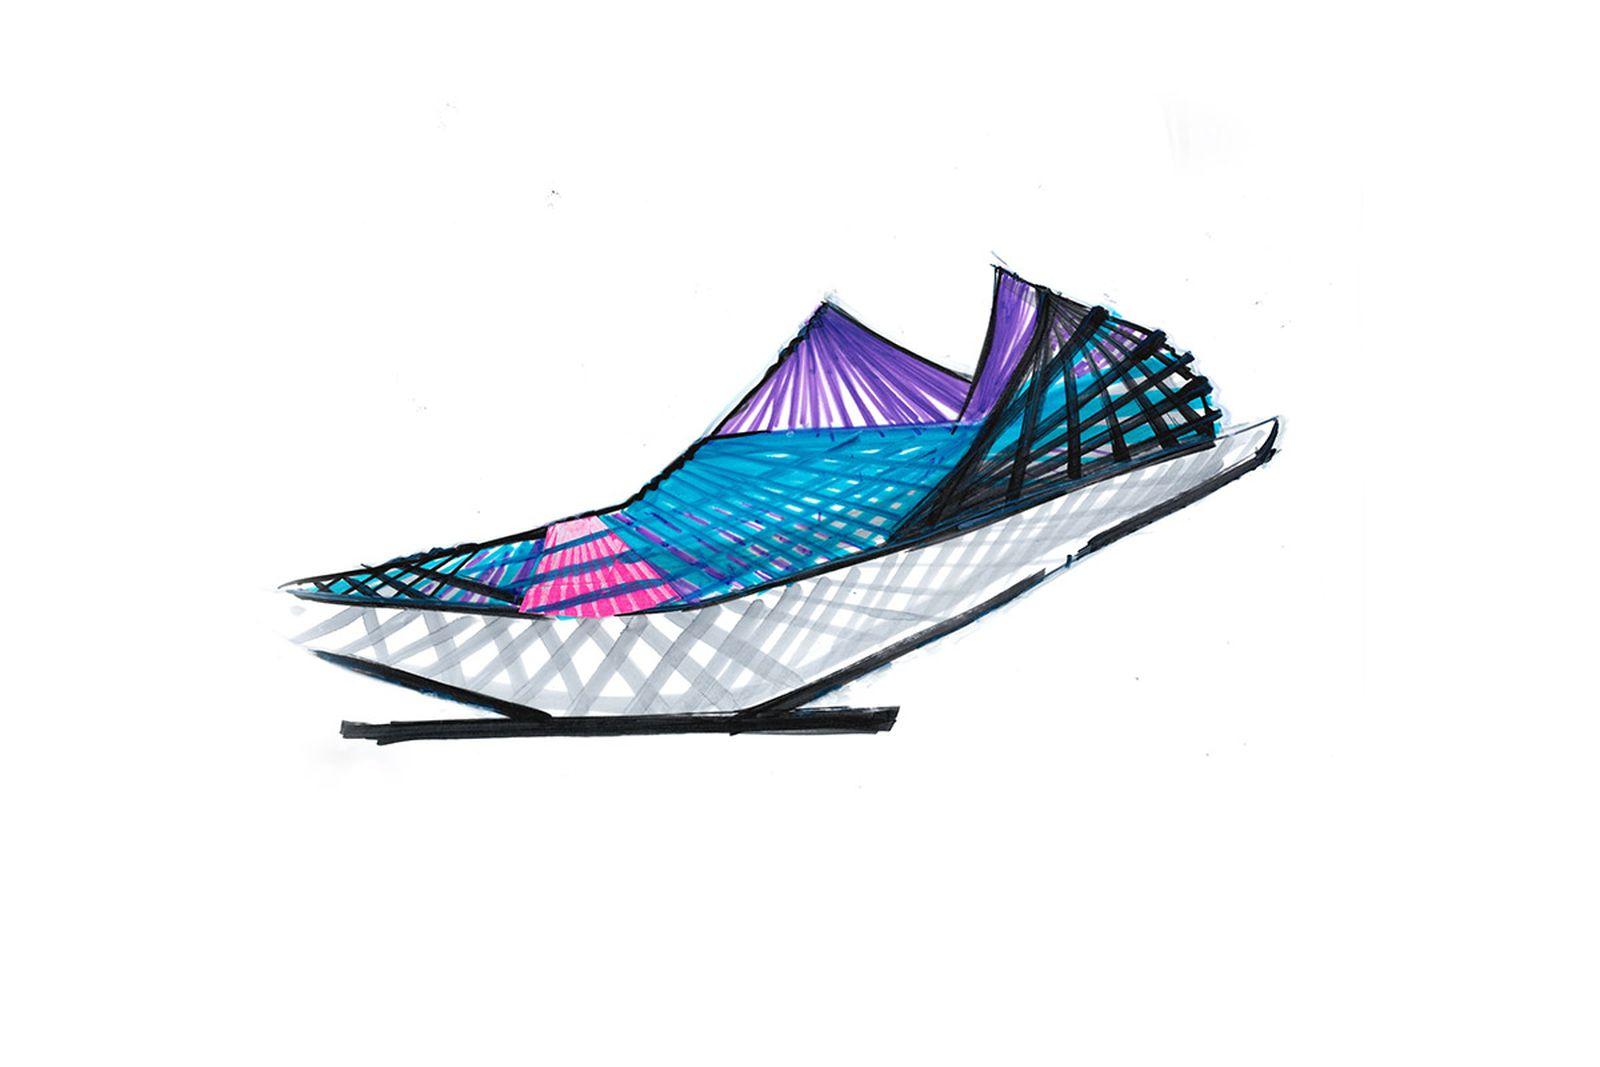 adidas-futurecraft-strung-deep-dive-interview-05